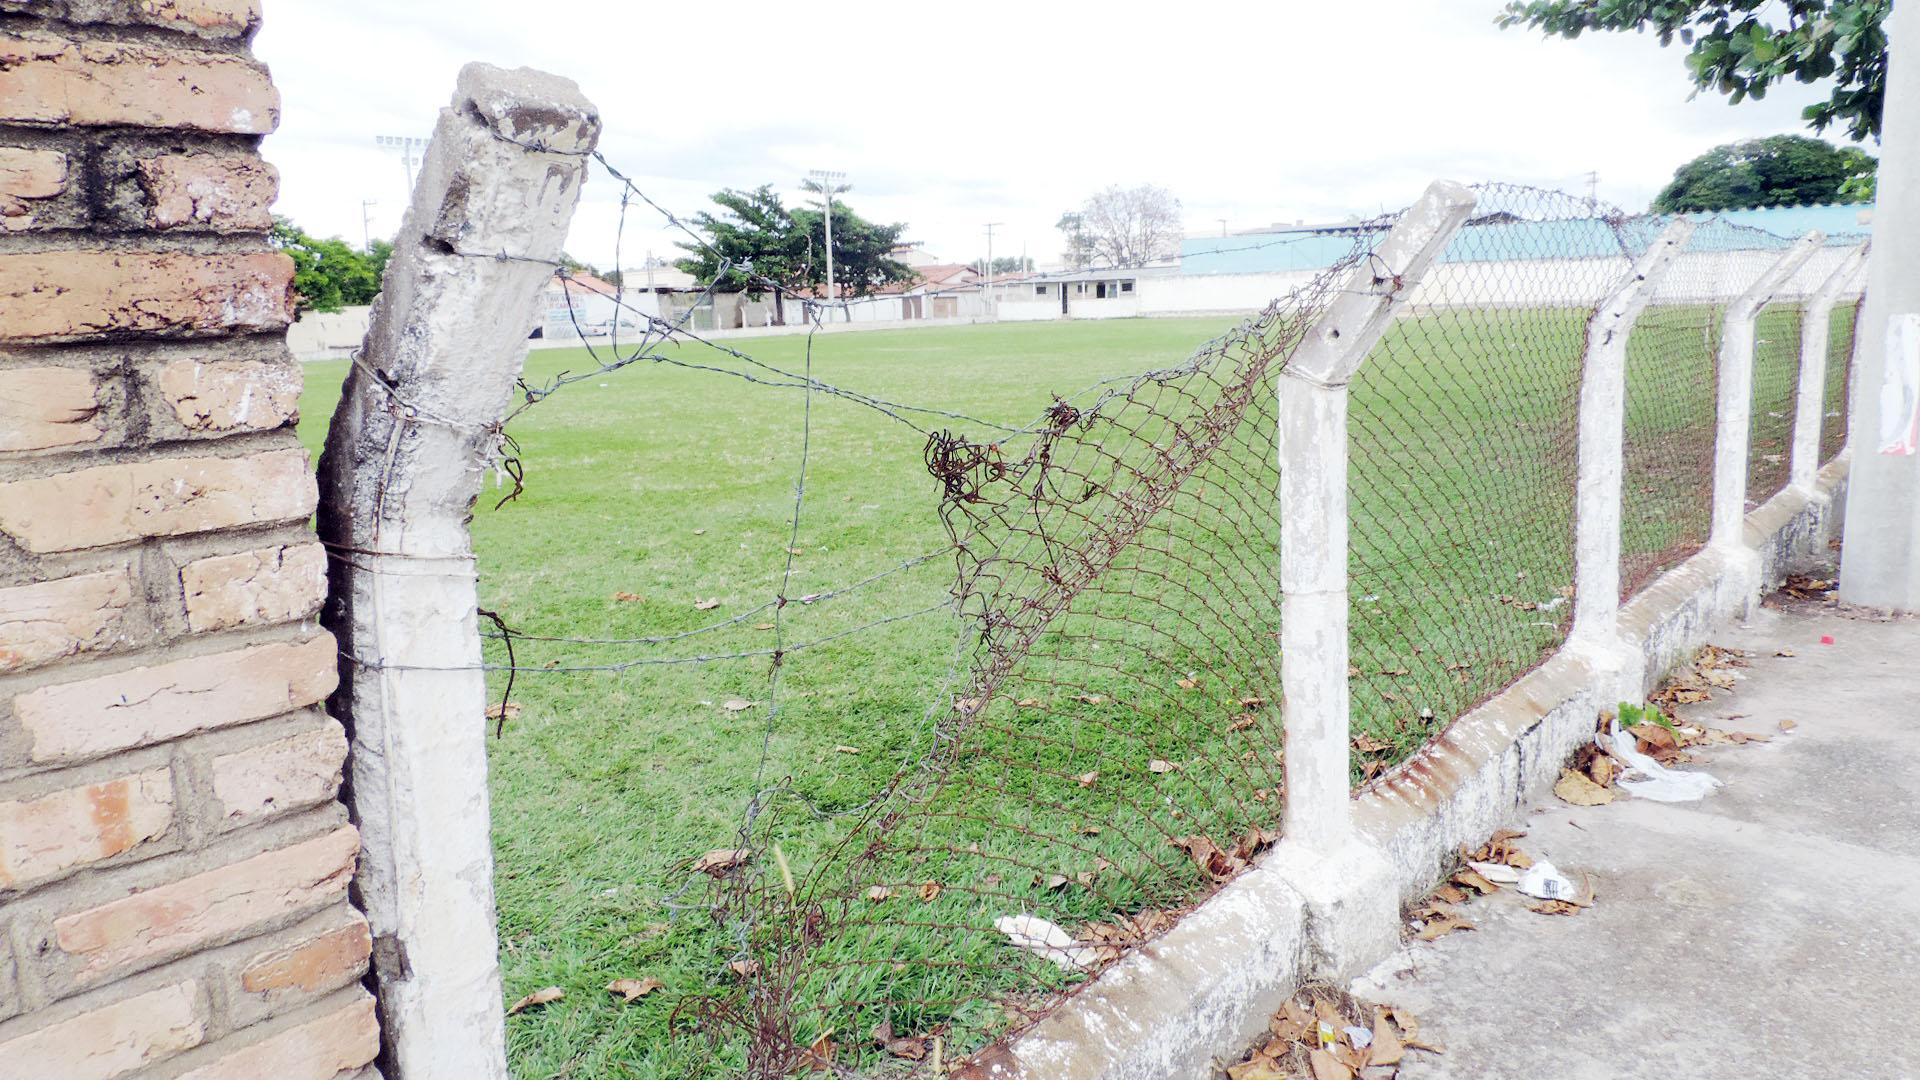 O castigado alambrado é apenas um dos itens que receberão atenção na reforma do Campo do Brasil (Foto: Lucas Barbosa)